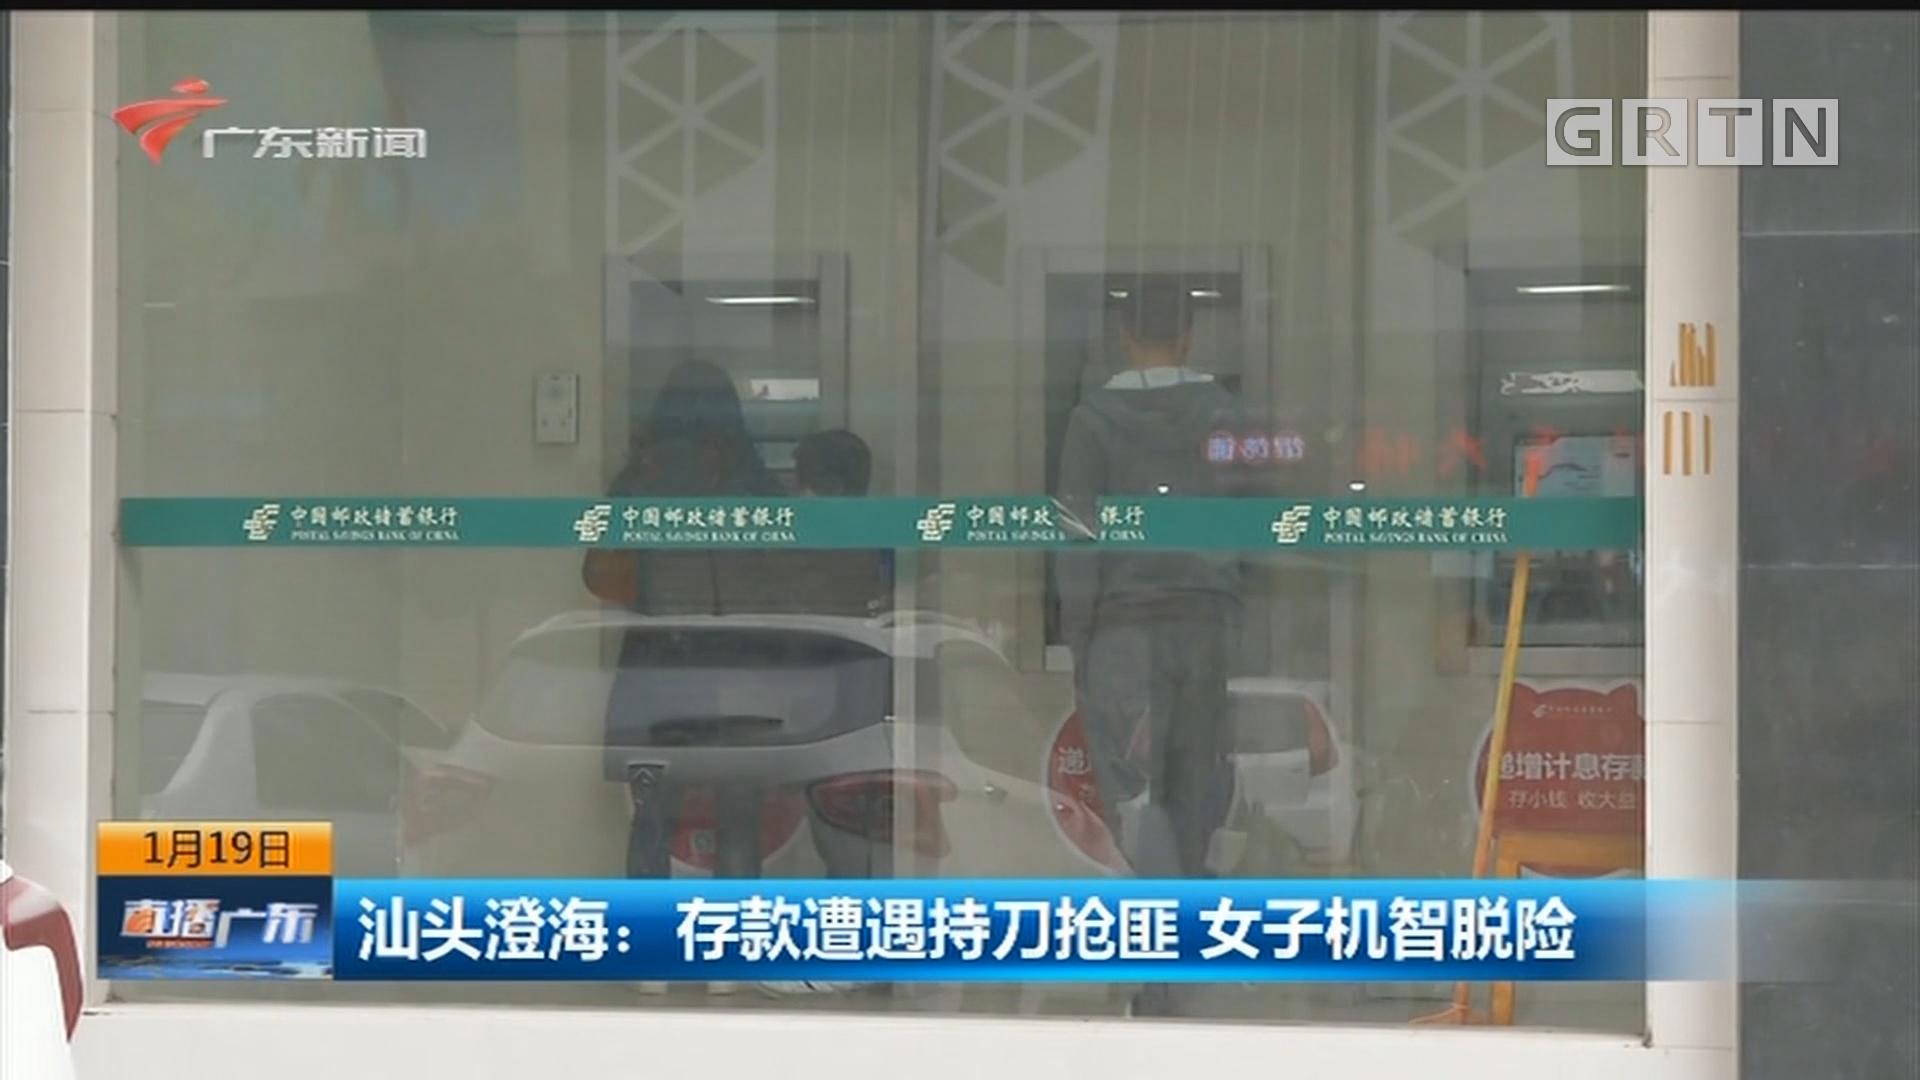 汕头澄海:存款遭遇持刀抢匪 女子机智脱险